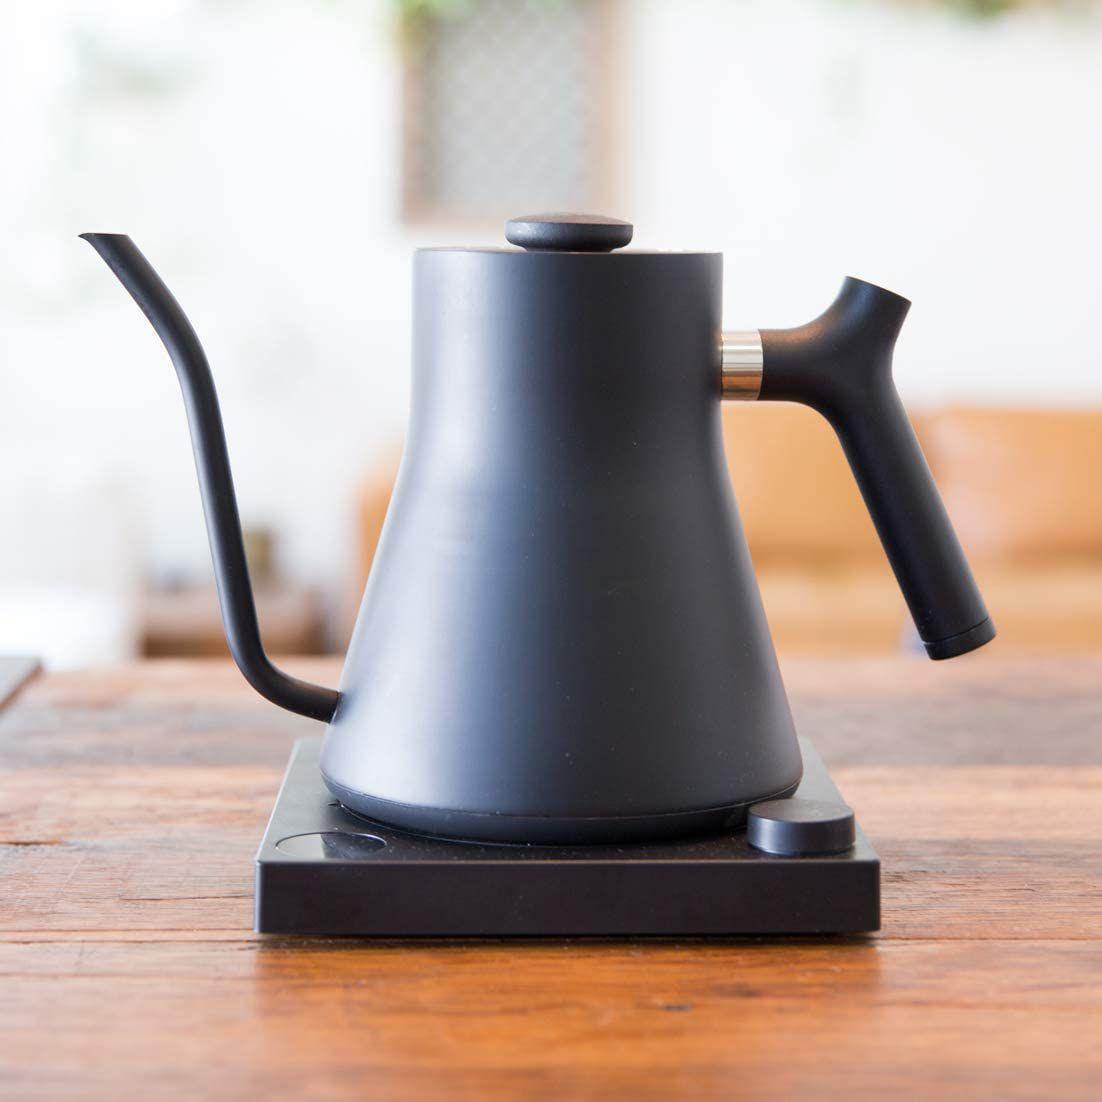 Stagg KEG kettle by Fellow